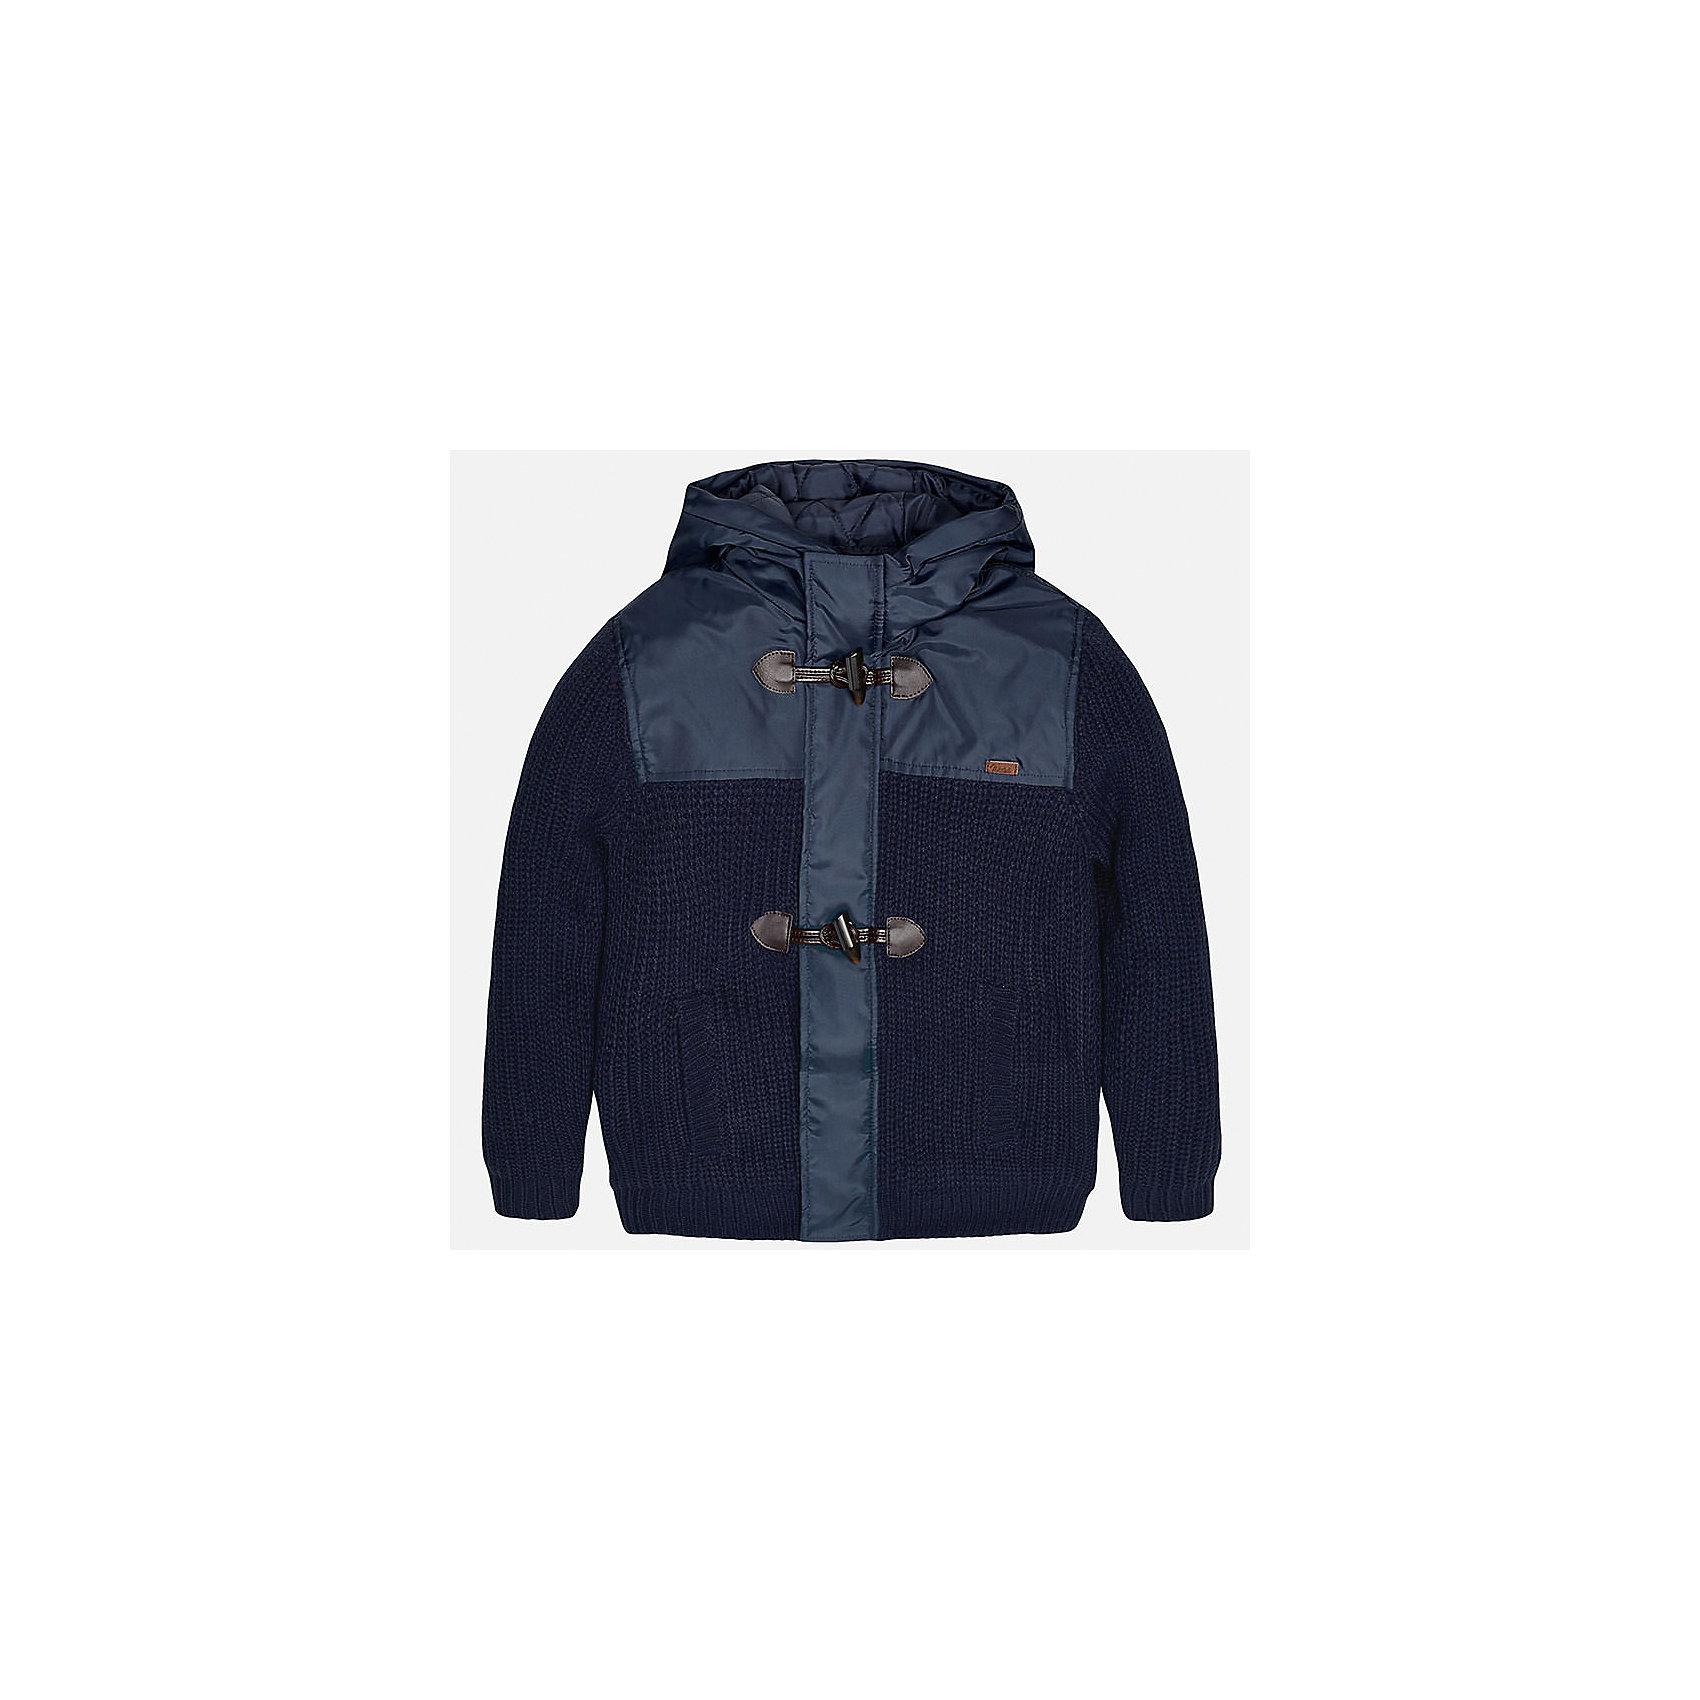 Куртка для мальчика MayoralКуртка для мальчика от известного испанского бренда Mayoral(майорал). Куртка с наполнителем из полиэстера не позволит ребенку замерзнуть. Модель имеет капюшон, вставки на груди и крупные пуговицы спереди. Прекрасный вариант для прогулок!<br><br>Дополнительная информация:<br>Состав: 100% акрил. Подкладка, наполнитель: 100% полиэстер<br>Цвет: темно-синий<br>Вы можете купить куртку Mayoral(Майорал) в нашем интернет-магазине.<br><br>Ширина мм: 356<br>Глубина мм: 10<br>Высота мм: 245<br>Вес г: 519<br>Цвет: синий<br>Возраст от месяцев: 96<br>Возраст до месяцев: 108<br>Пол: Мужской<br>Возраст: Детский<br>Размер: 128/134,164/170,158/164,152/158,146/152,140/146<br>SKU: 4827064